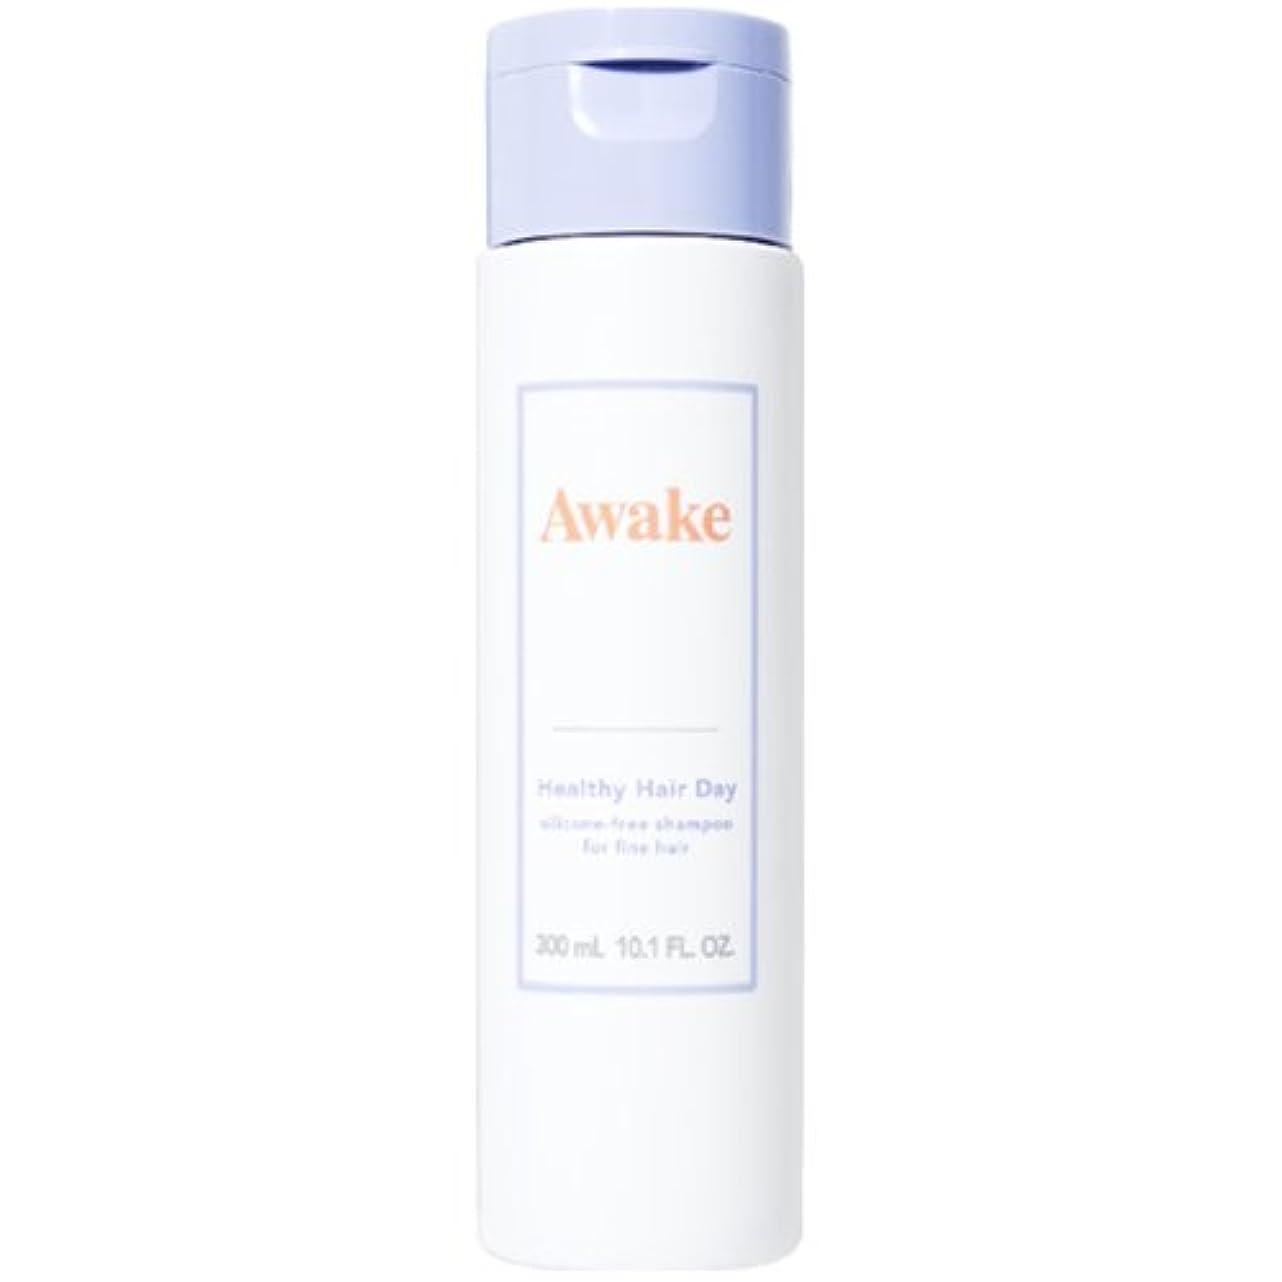 それからハロウィン疾患アウェイク(AWAKE) Awake(アウェイク) ヘルシーヘアデイ シリコーンフリー ヘアシャンプー ハリコシアップヘア用 (300mL)